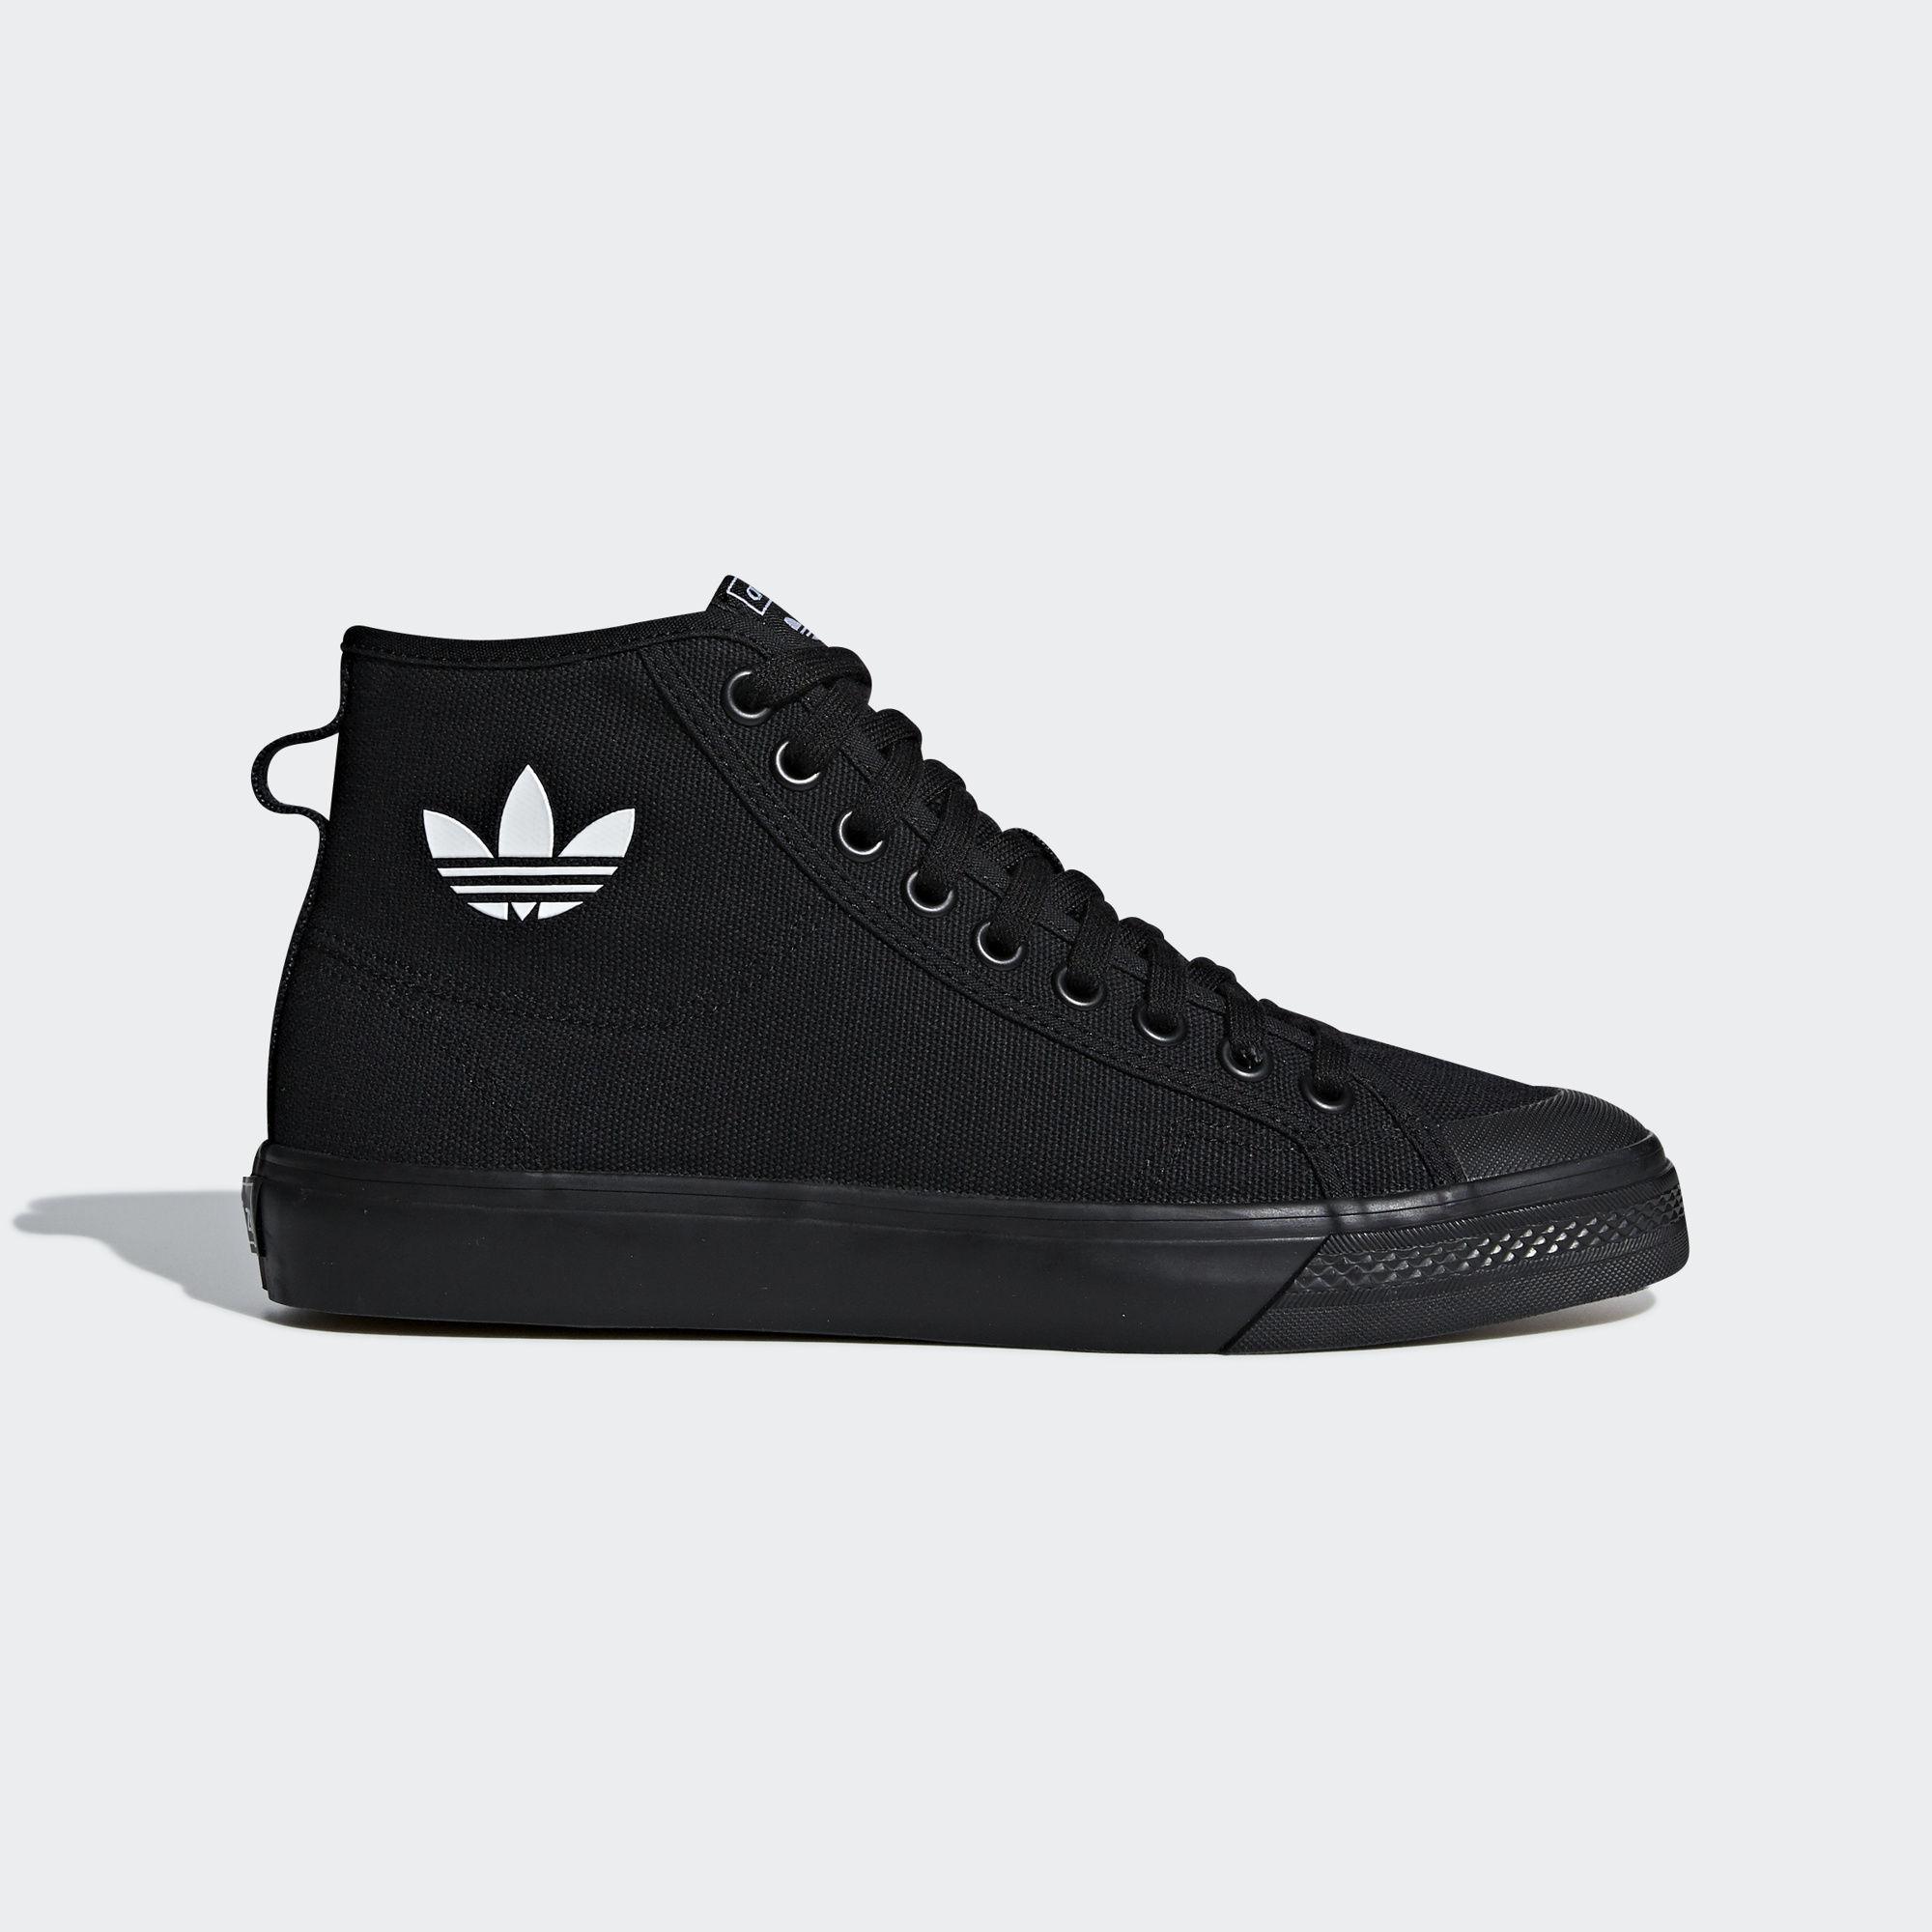 Adidas Nizza Hi B41651